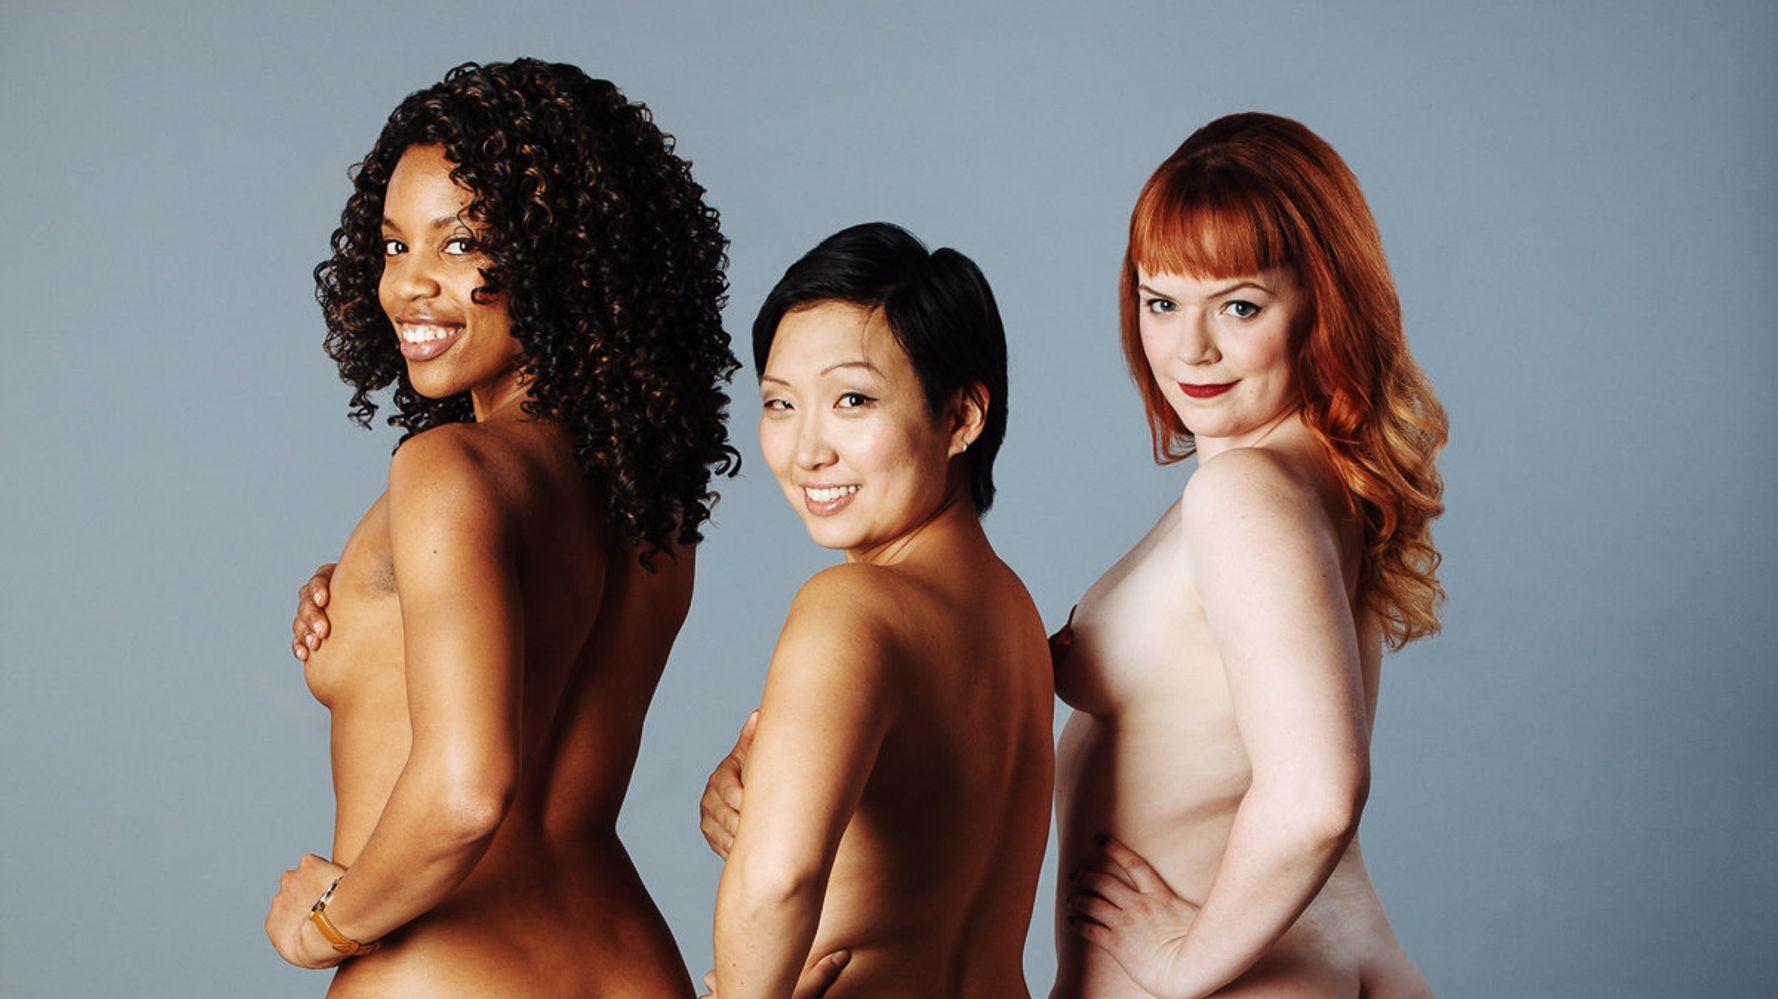 mean-women-nude-guy-nude